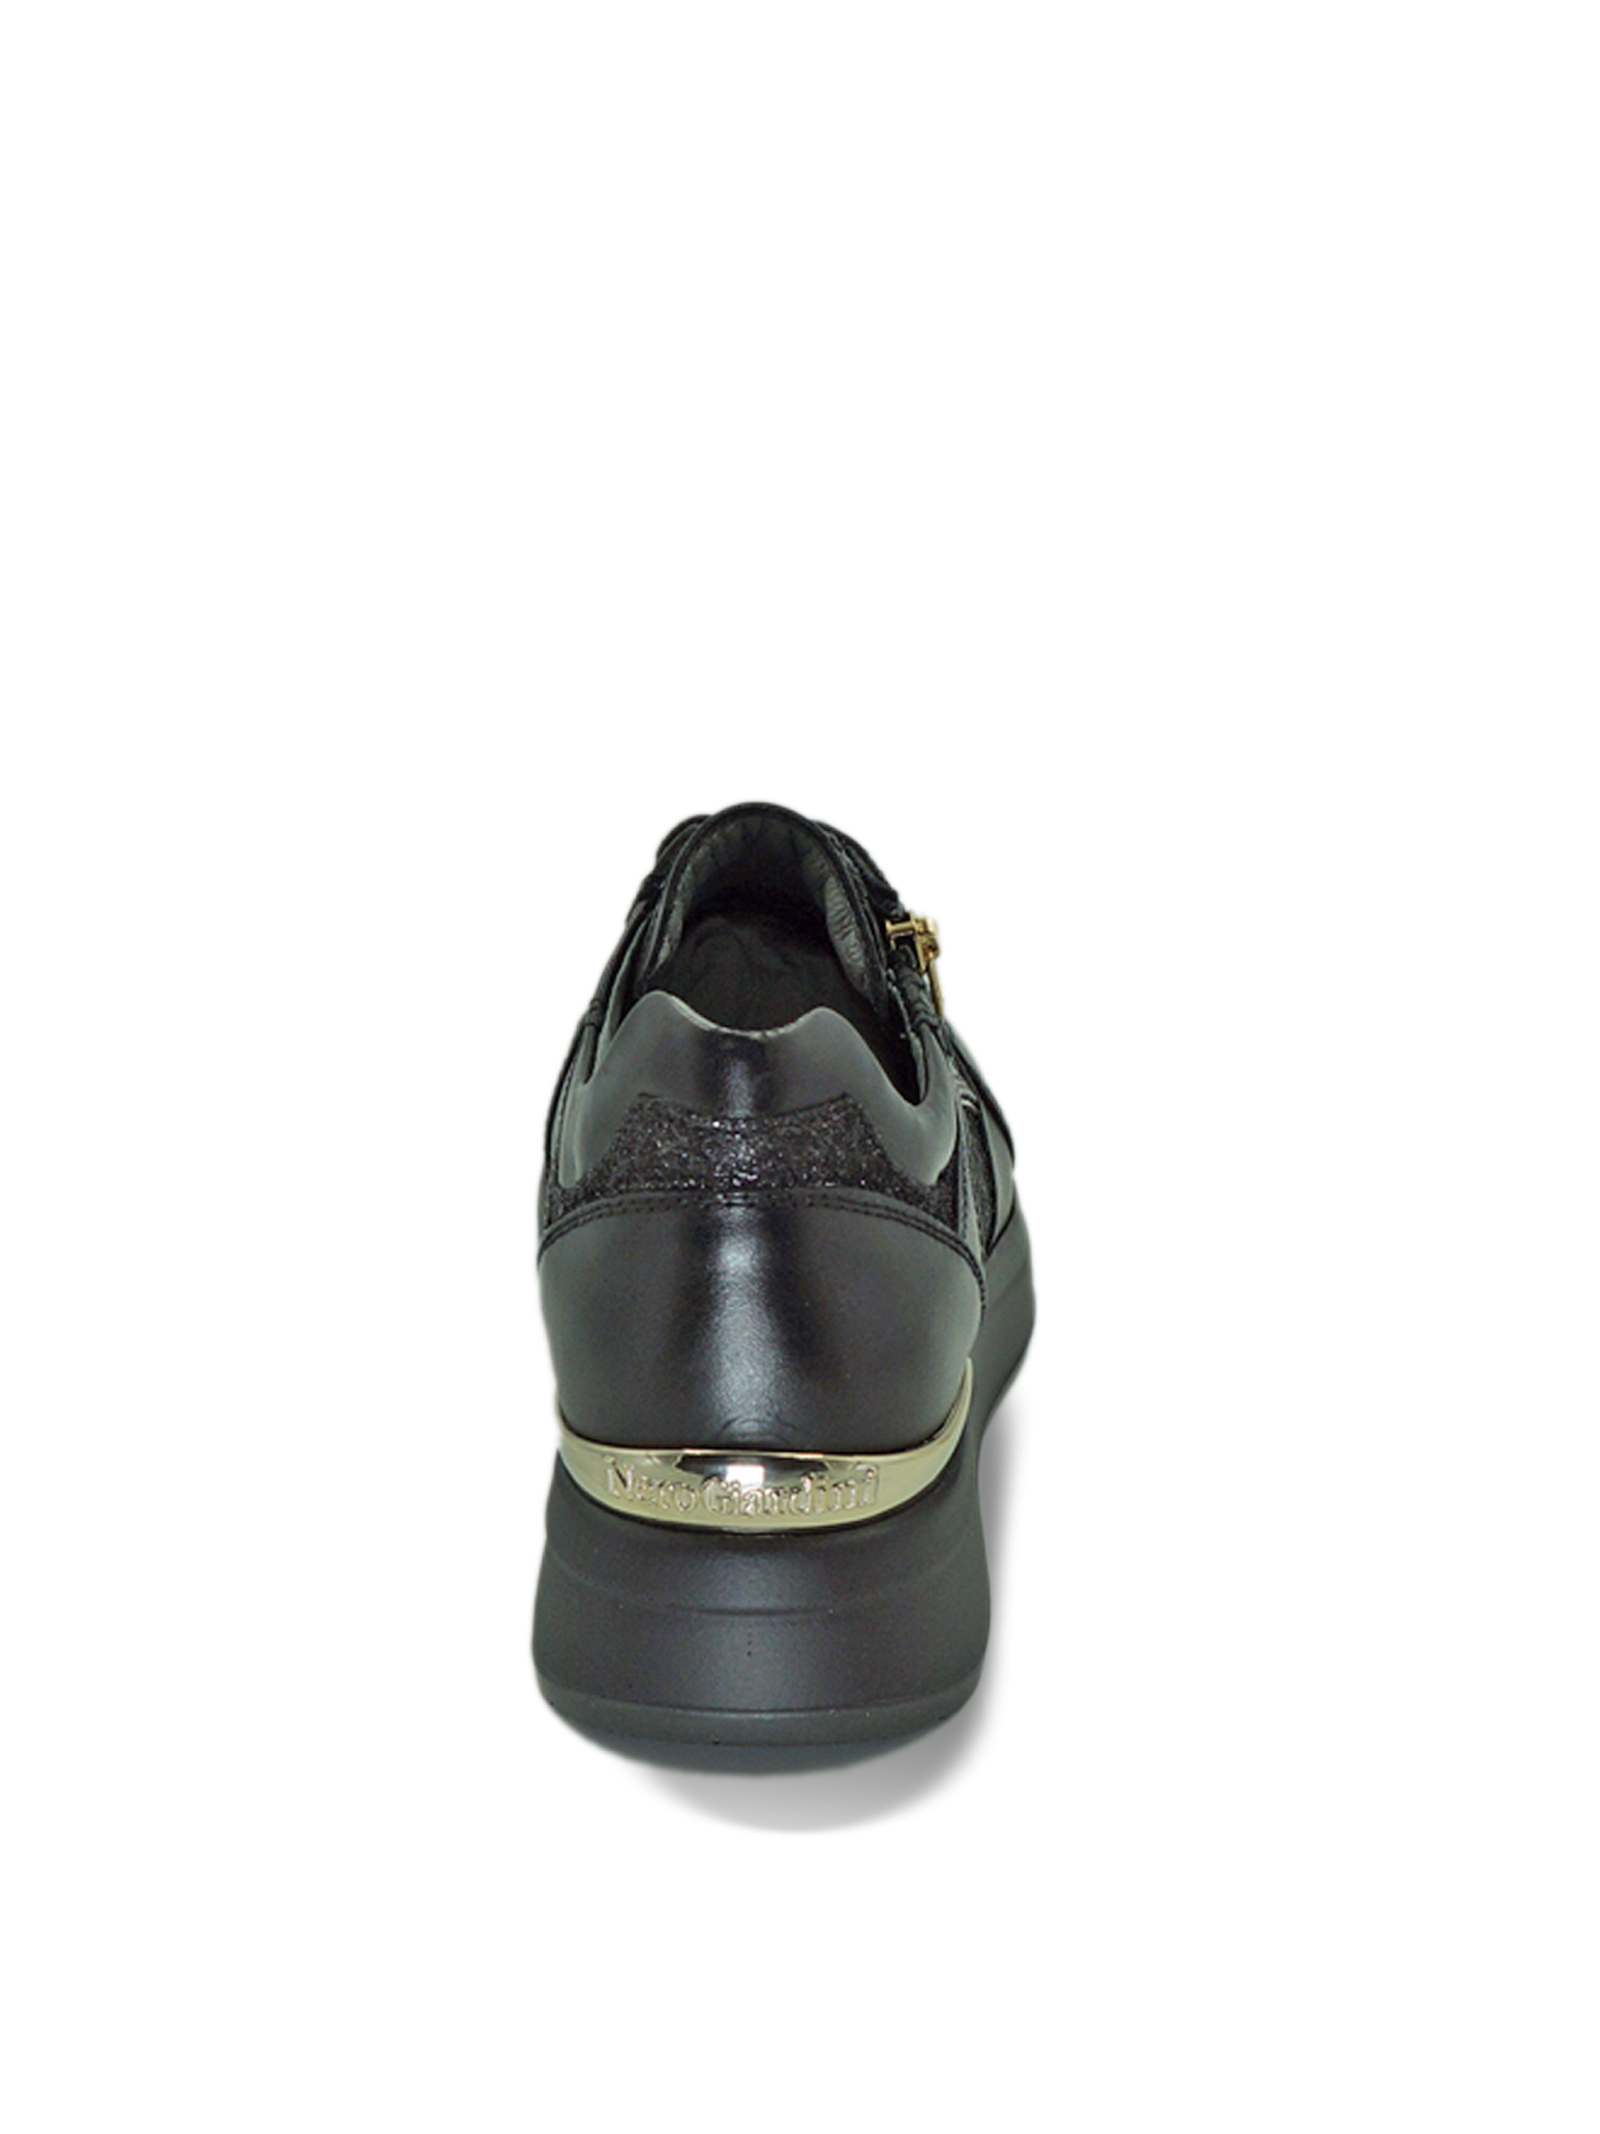 Sneakers Donna in Pelle Nera con Lacci e Zip Nero Giardini | Sneakers | I013183DNERO